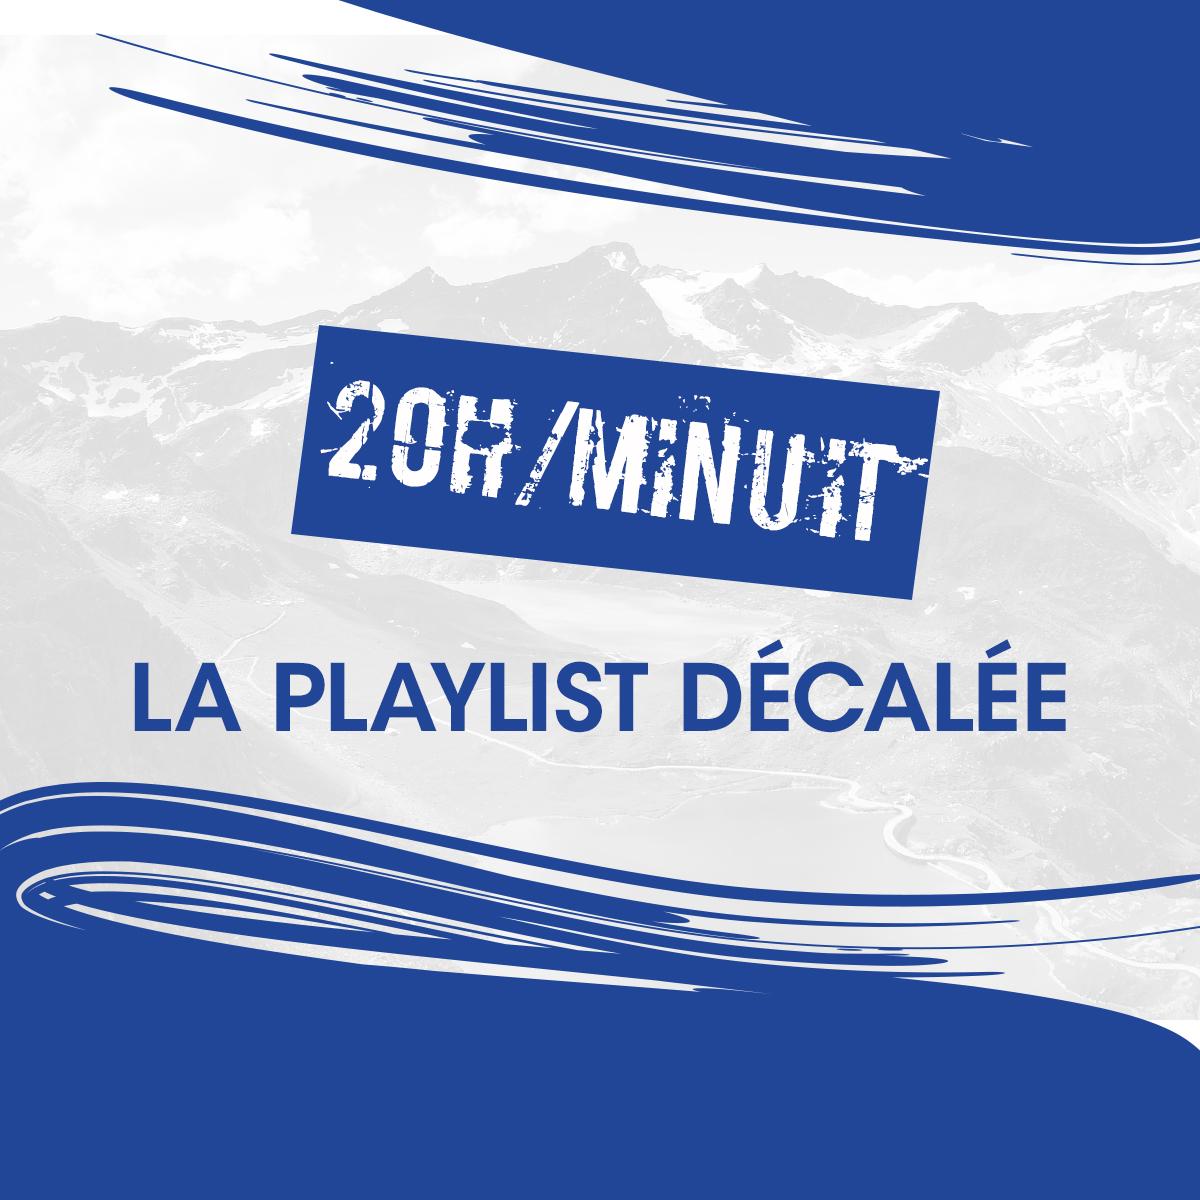 La Playlist Décalée...